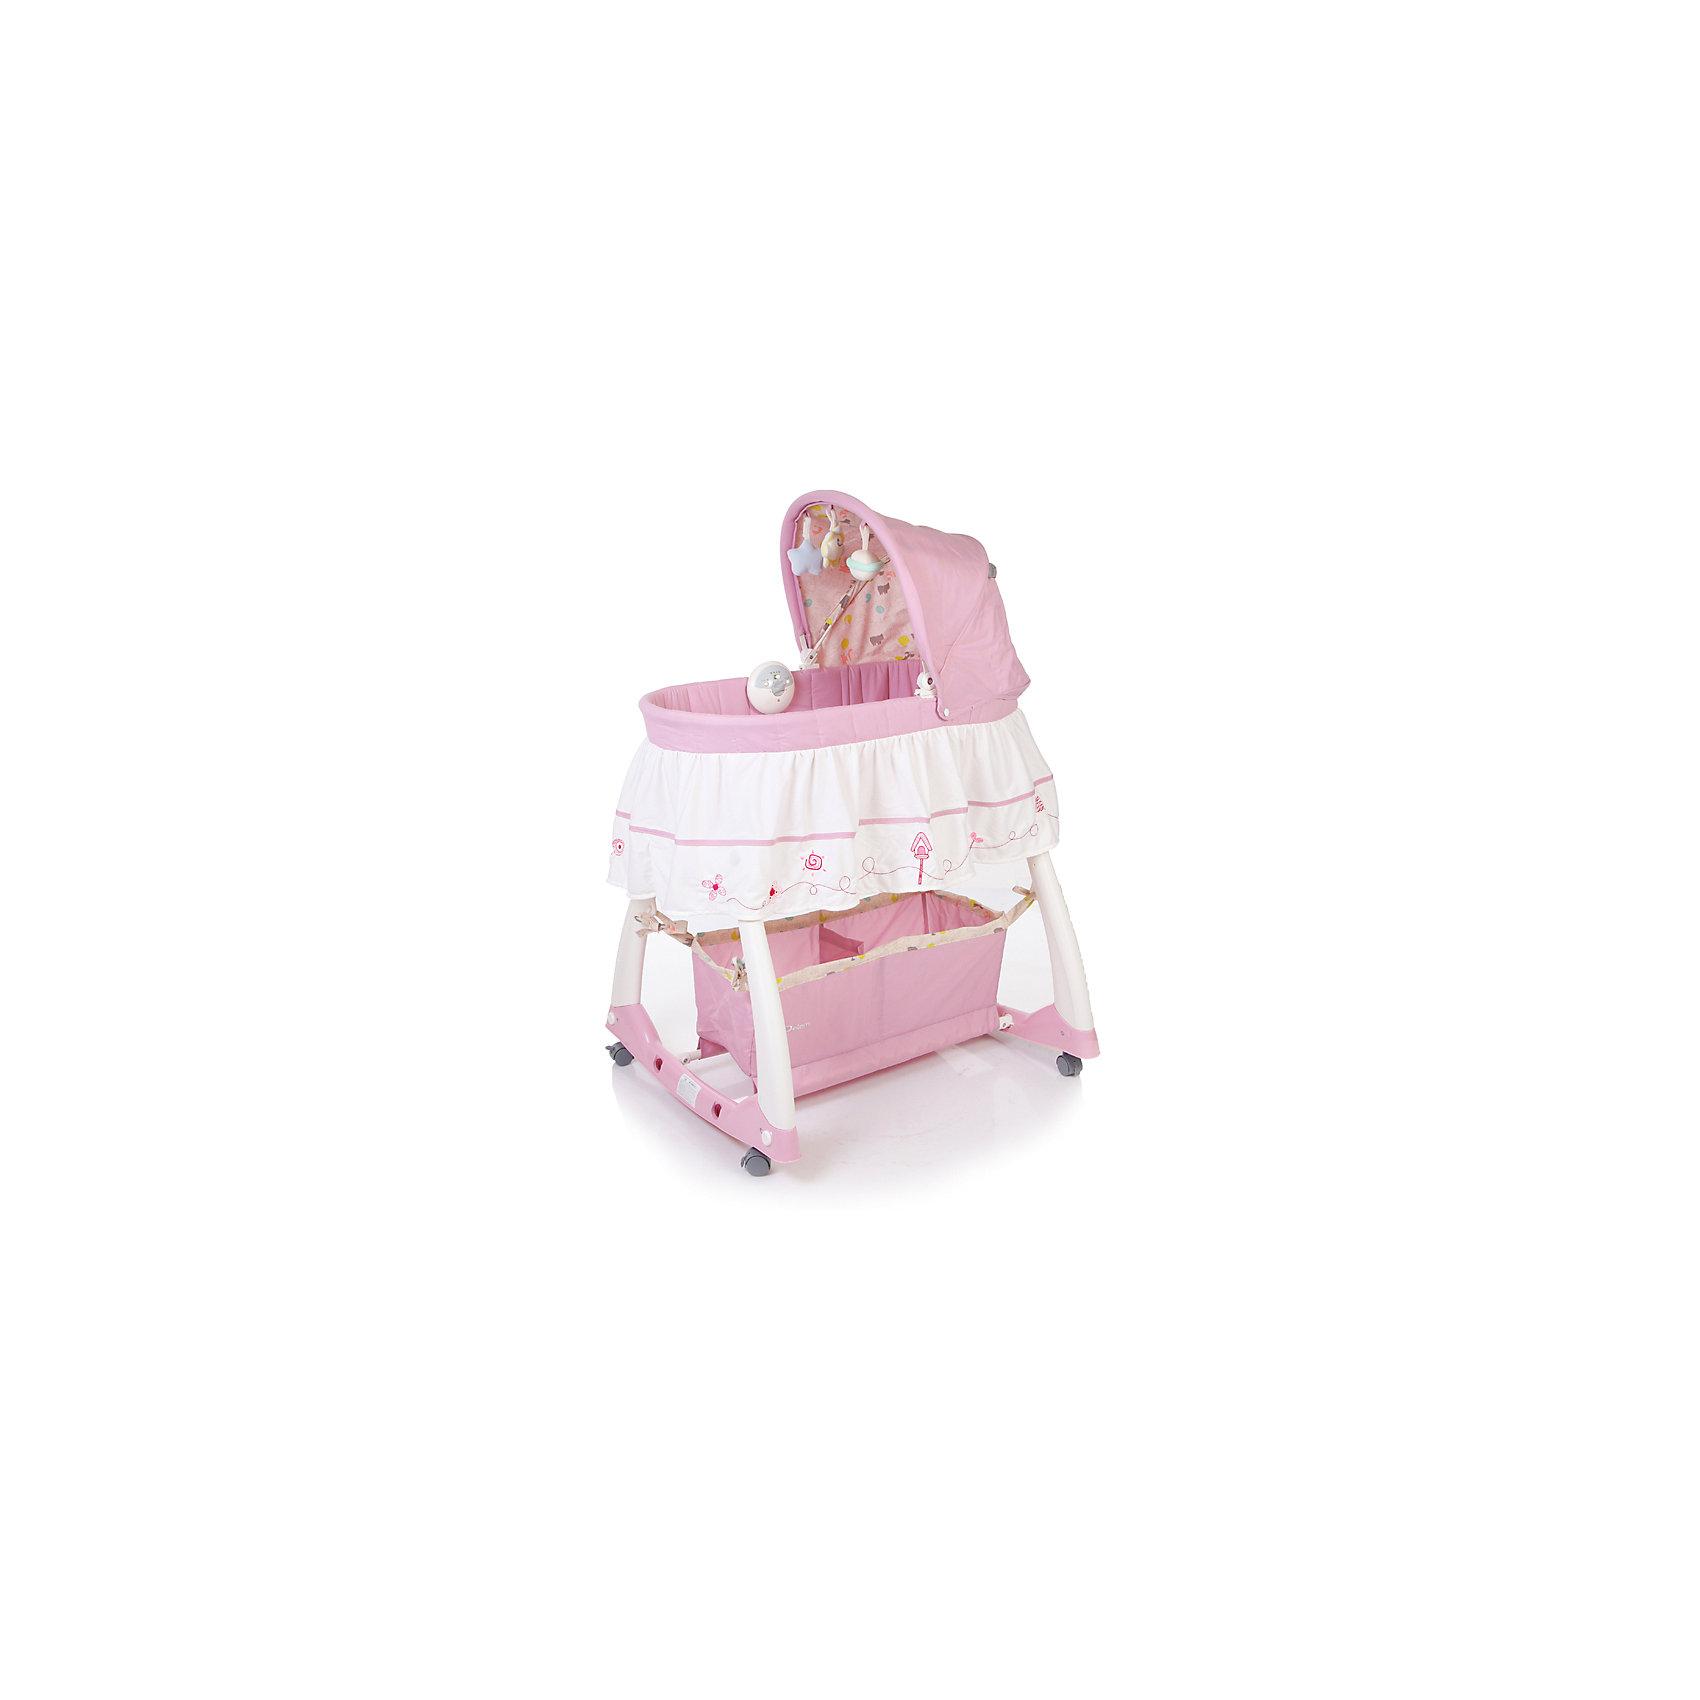 Кроватка-люлька Dream, Jetem, нежно-розовыйКолыбели, люльки<br>Детская кроватка-люлька Jetem Dream (Жетем Дрим) - удивительно красивая люлька, которая привнесет в Ваш дом атмосферу волшебства, гармонично впишется и украсит интерьер любой комнаты. Новорожденному малышу будет очень уютно в небольшом пространстве люльки. Капюшон закроет малыша от лампы или ночника, а дуга с игрушками поможет развлечь малыша и научить его концентрировать свое внимание на предметах. Колыбелька оснащена колесиками на которых удобно перемещать колыбель-люльку по детской комнате. Они легко убираются, и появляется возможность поперечного качания люльки с малышом. Колыбель-люлька Jetem Dream (Жетем Дрим) продумана и сконструирована для максимального комфорта малыша и молодой мамочки. Для этого люлька для новорожденного оснащена электронным блоком с системой вибрации и нежными колыбельными мелодиями, съемной дугой для укачивания. Все тканевые части снимаются для стирки. Под дном колыбельки расположена удобная корзина для детских принадлежностей.<br><br>Дополнительная информация:<br><br>- В комплекте: люлька, электронный блок, дуга с игрушками, корзина для подгузников, матрасик, комплект белья (полог + наматрасник), подробная инструкция по сборке;<br>- Безопасные высокие (21 см) бортики; <br>- Колесики, оснащенные стояночным тормозом, снимаются, можно укачивать малыша на дугах-качалках;<br>- Электронный блок с вибрацией и нежными, приятными новорожденному мелодиями, возможностью регулировать интенсивность вибрации; <br>- Вместительная сетчатая корзина для памперсов;<br>- Тканевые части можно снять и постирать; <br>- Съемный капюшон с регулируемым углом наклона;<br>- На капюшоне подвешены три игрушки, которые будут занимать ребенка во время его бодрствования;<br>- Для детей весом до 11 кг;<br>- Особенности музыкальной шкатулки: 3 мелодии, звуки живой природы и натуральные. Батарейки: 3хАА (в комплект не входят);<br>- Материал: пластик, металл;<br>- Размеры колыбели: (ВхДхШ) - 120 х 80 х 70 см;<b